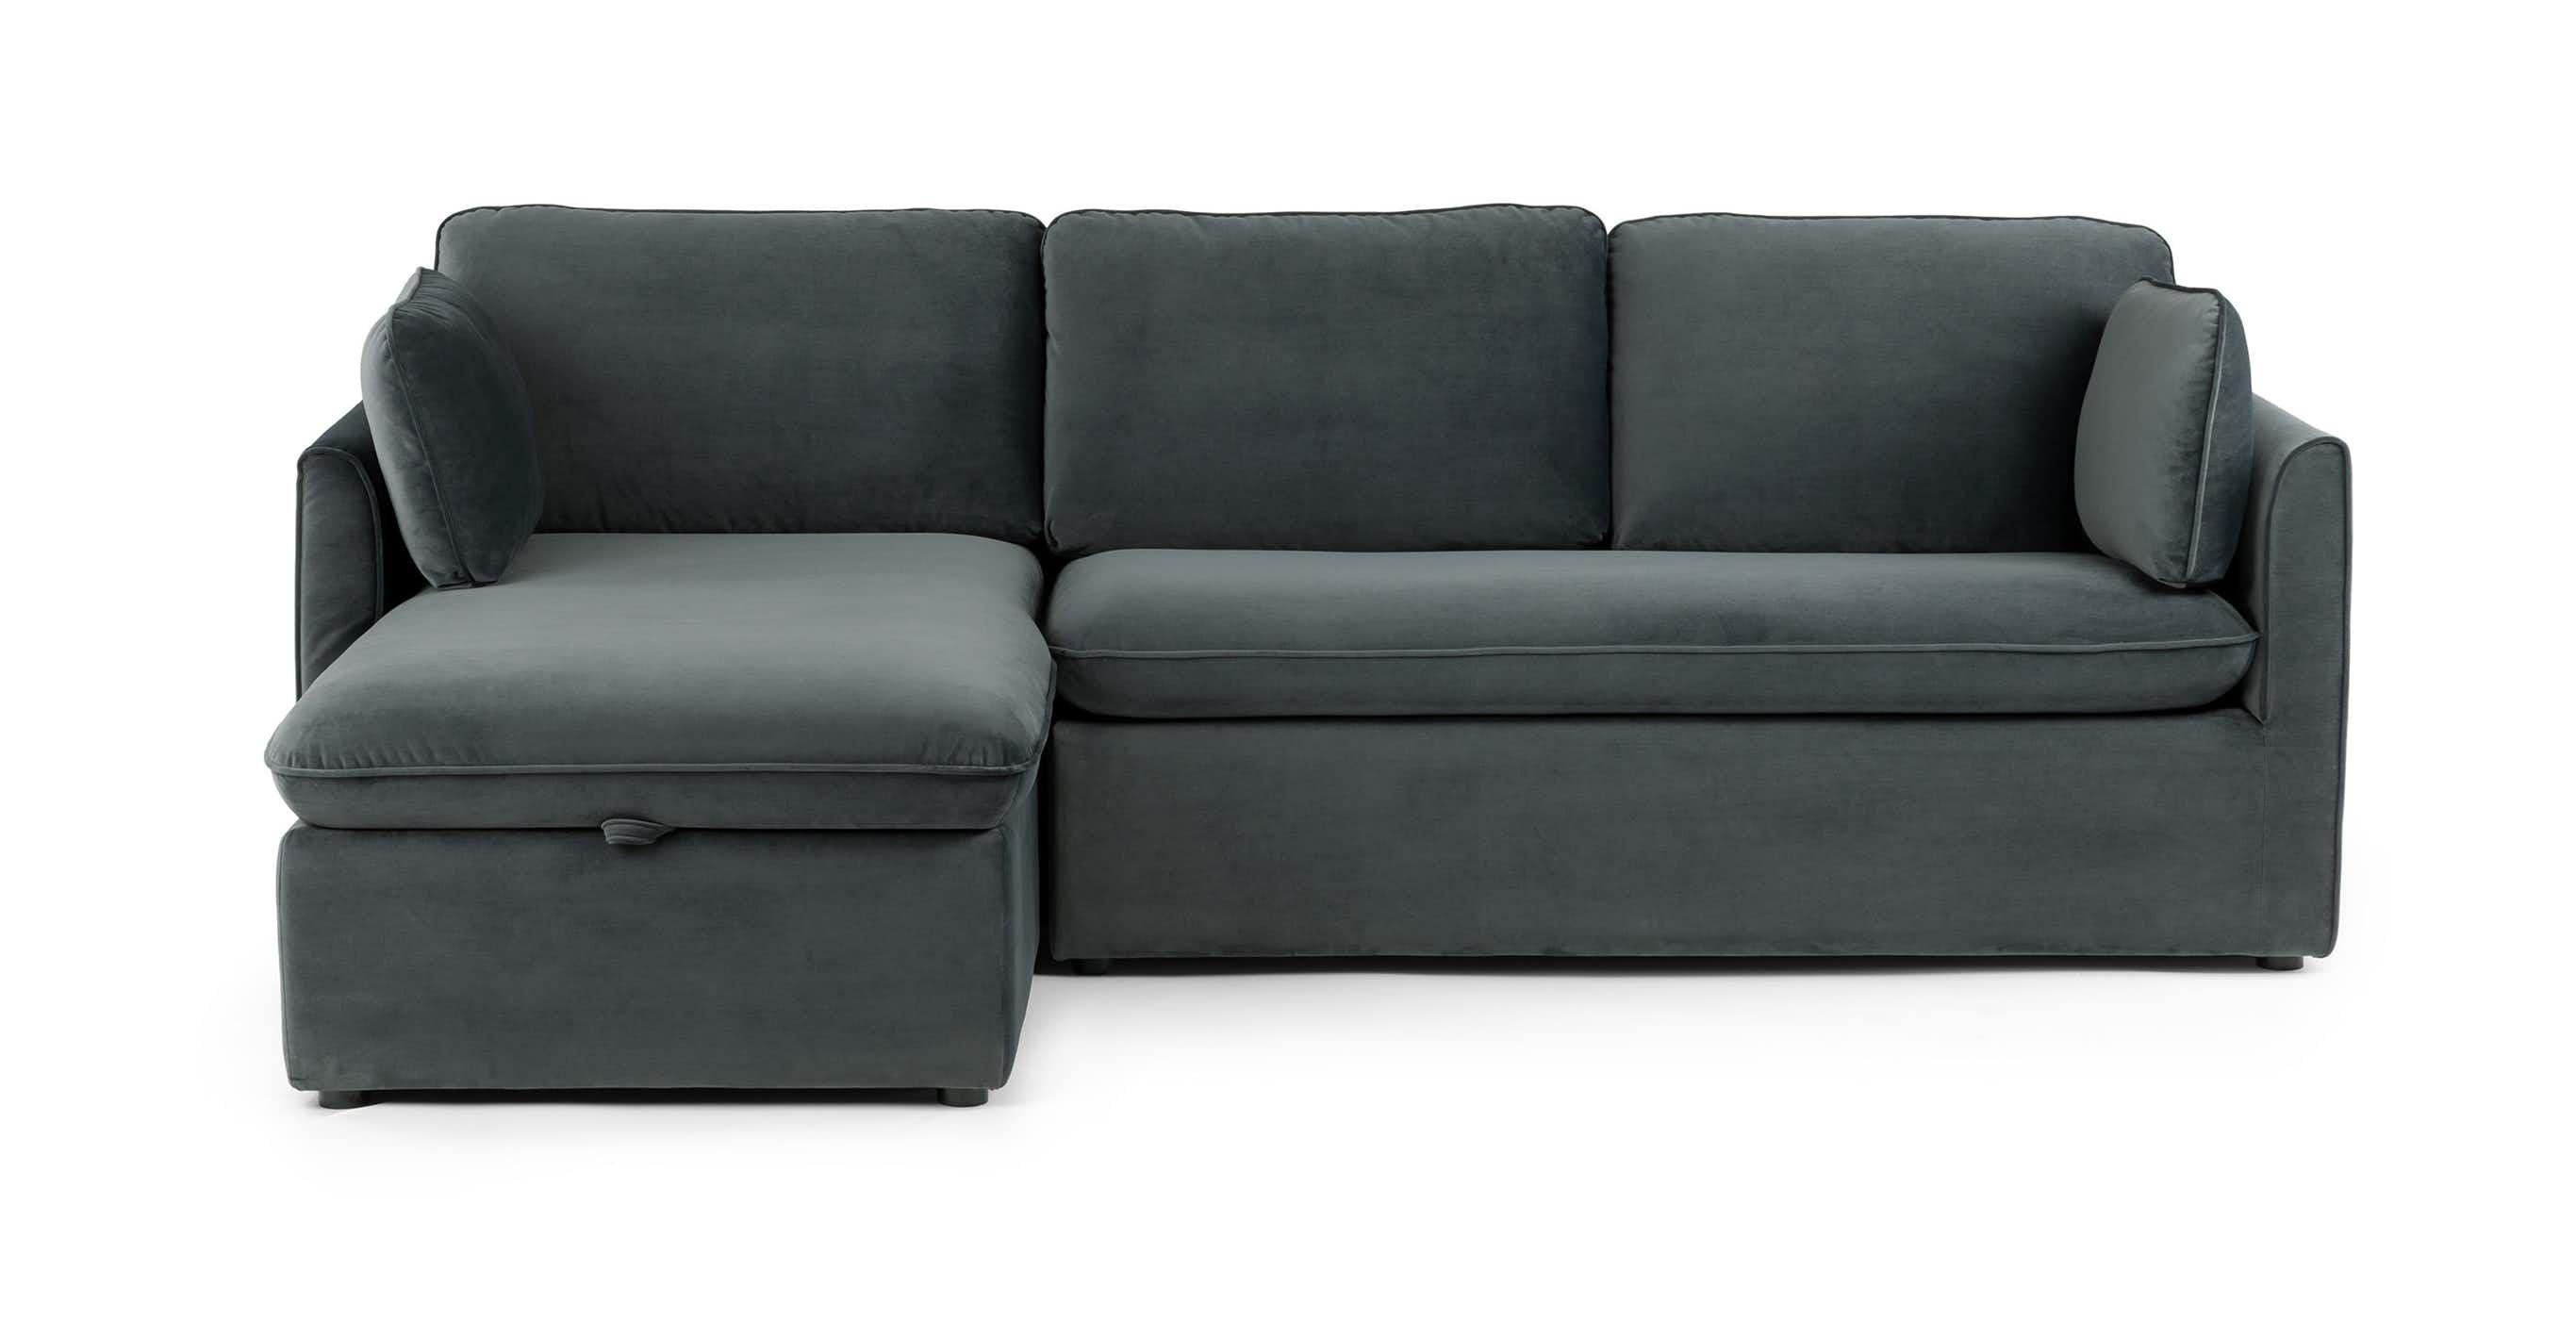 Blue Gray Velvet Sofa Bed Left Sectional Article Oneira Modern